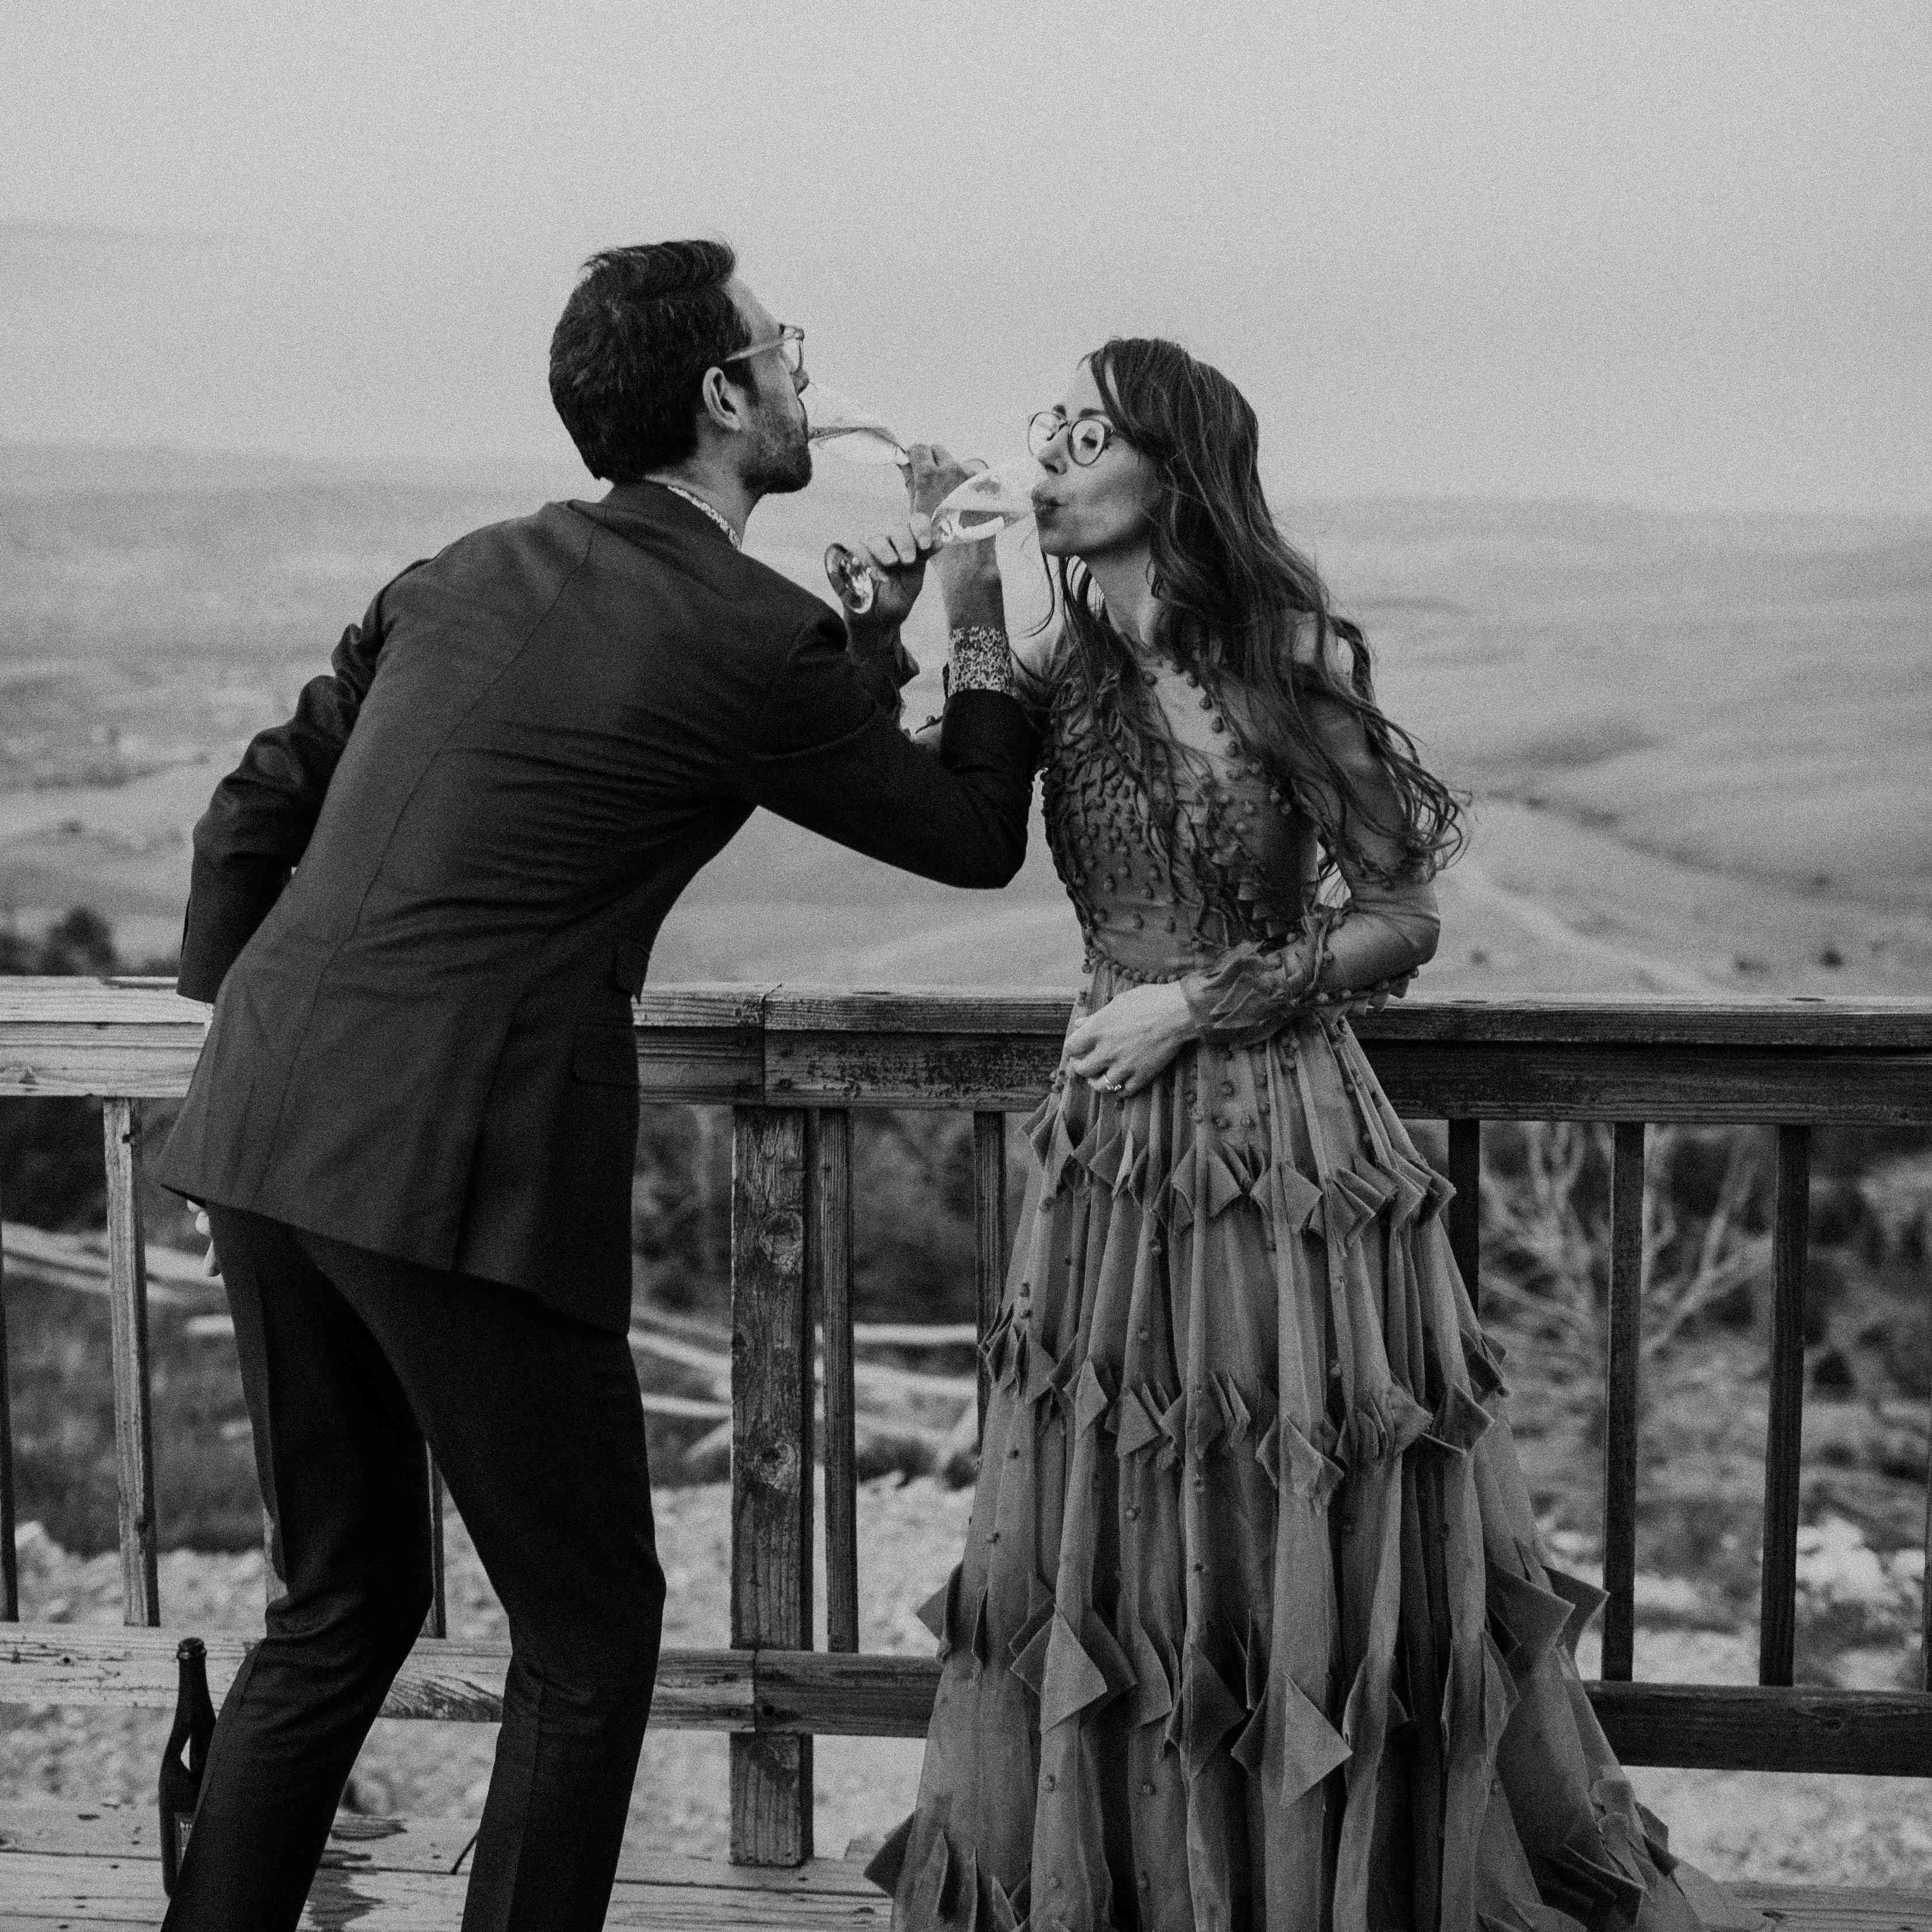 couple toasting locking arms